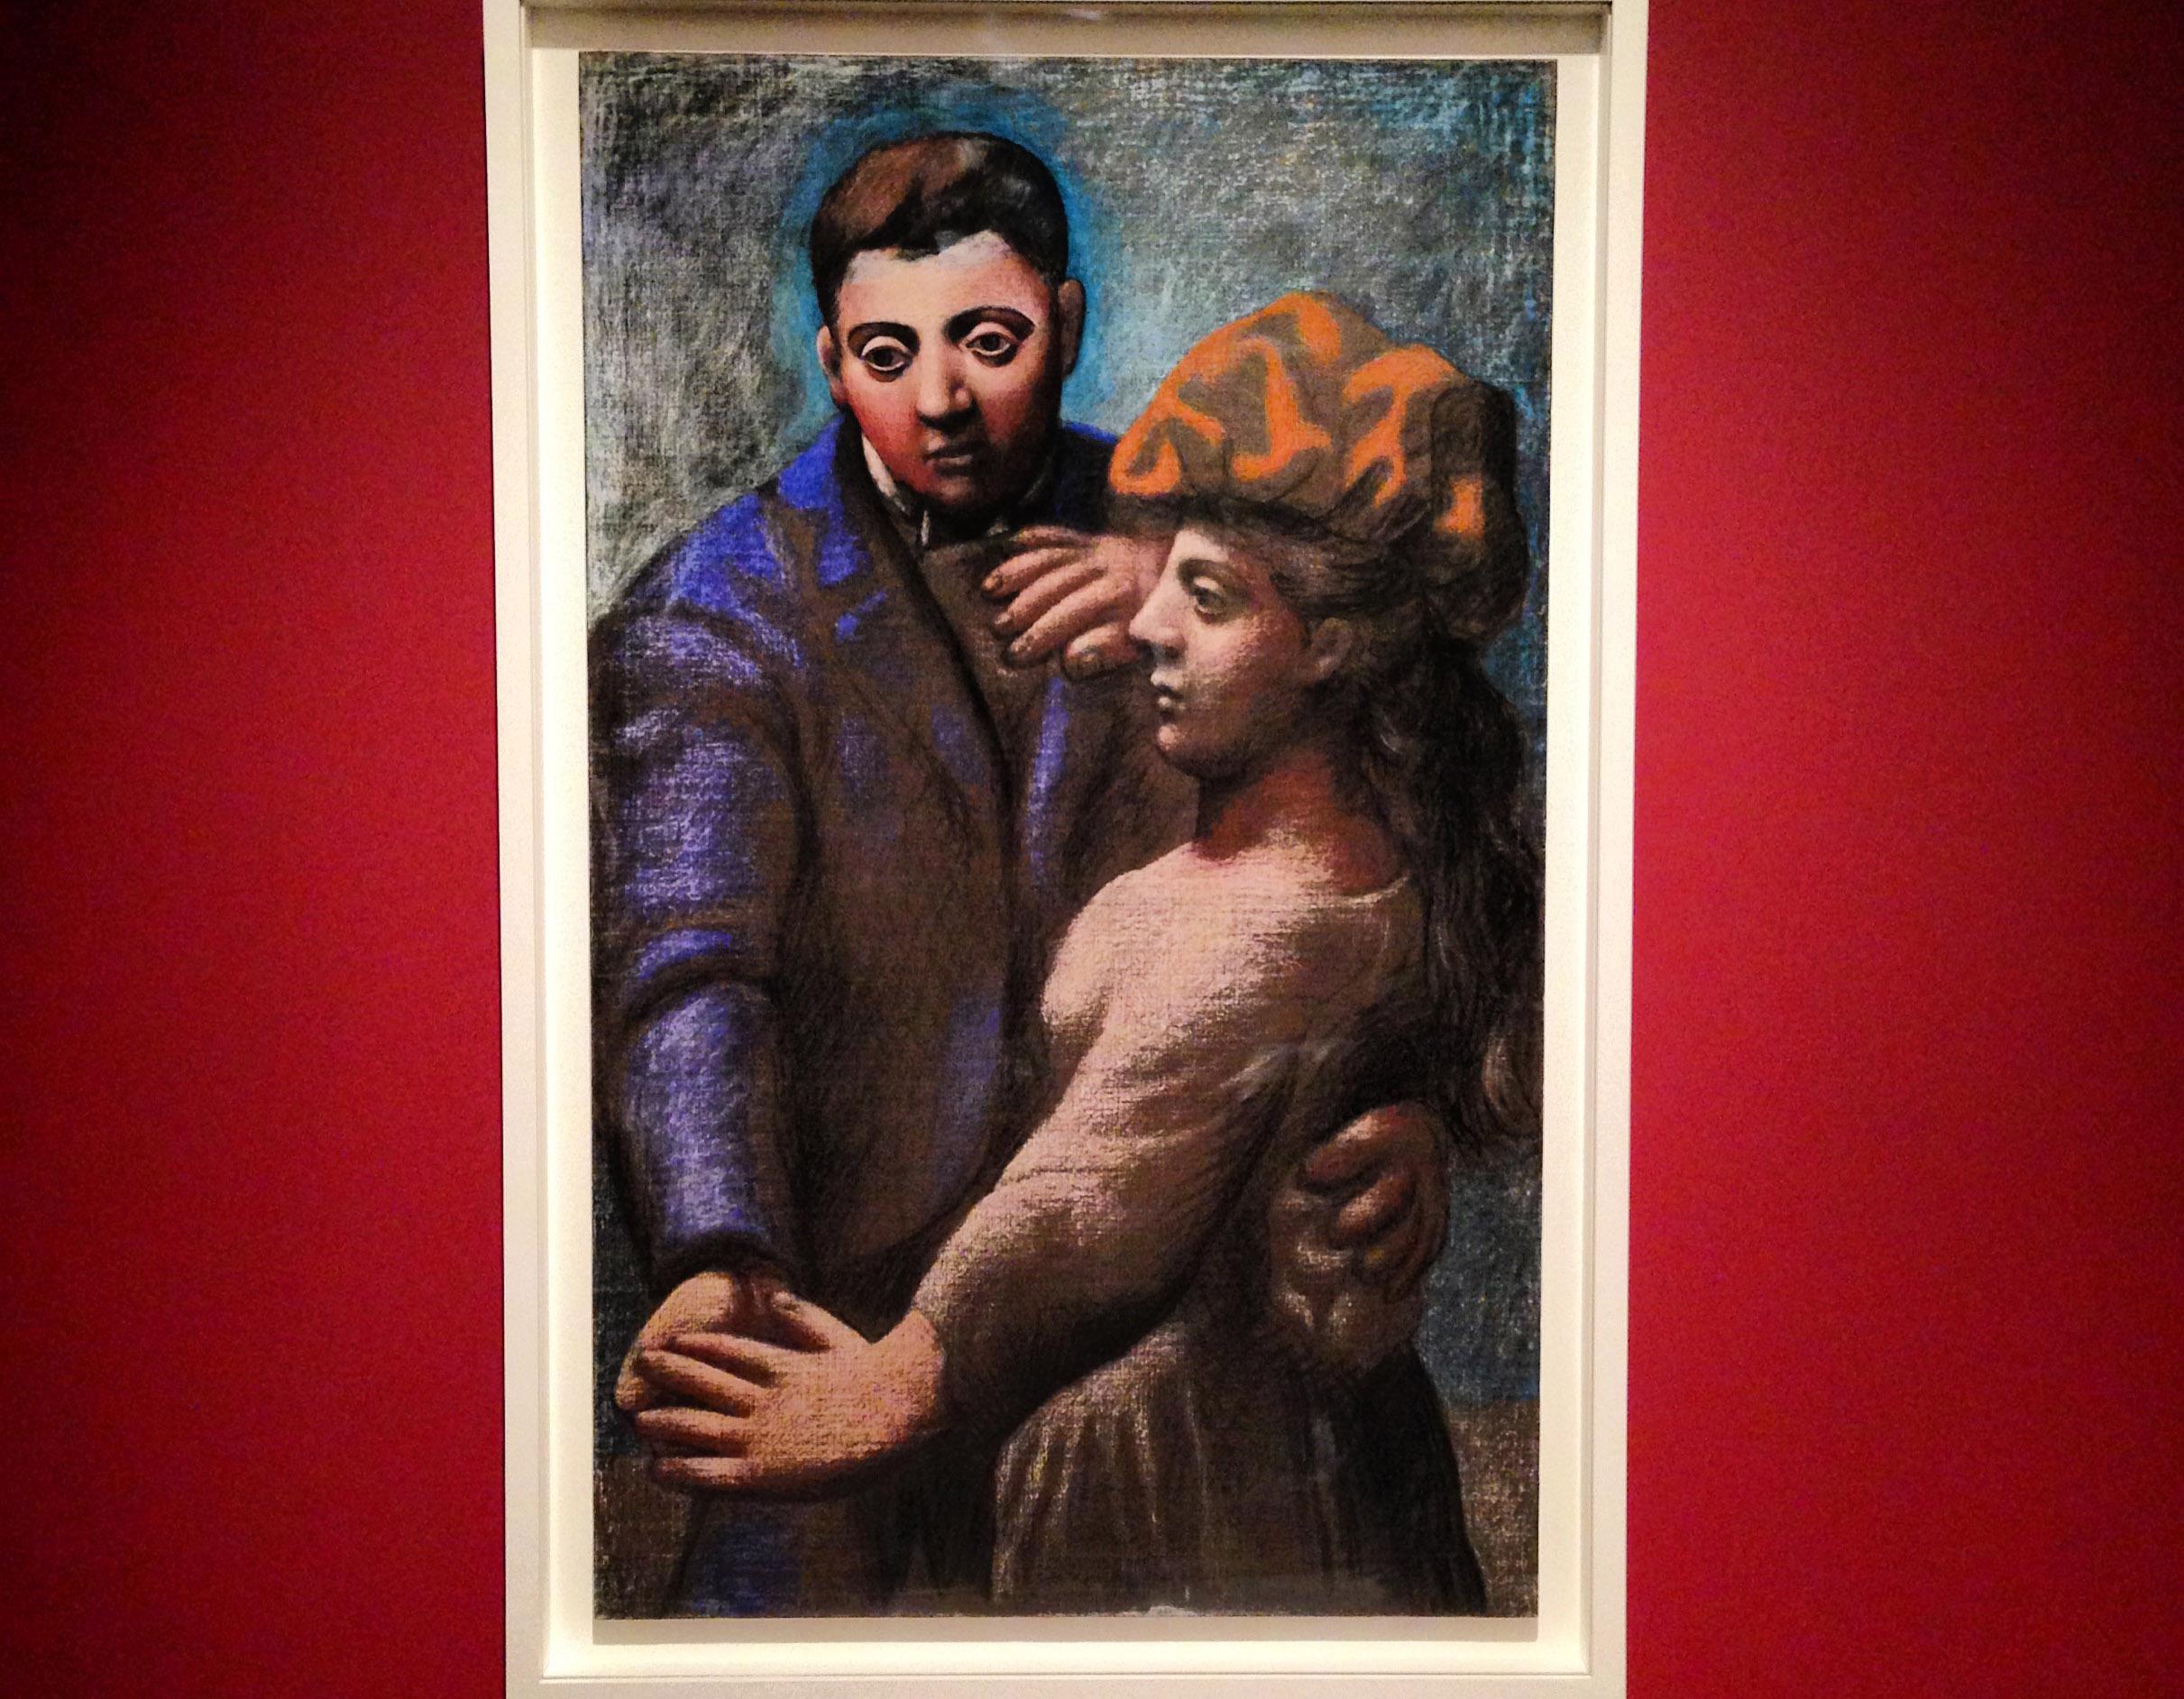 Pablo-Picasso-5-. 900x700